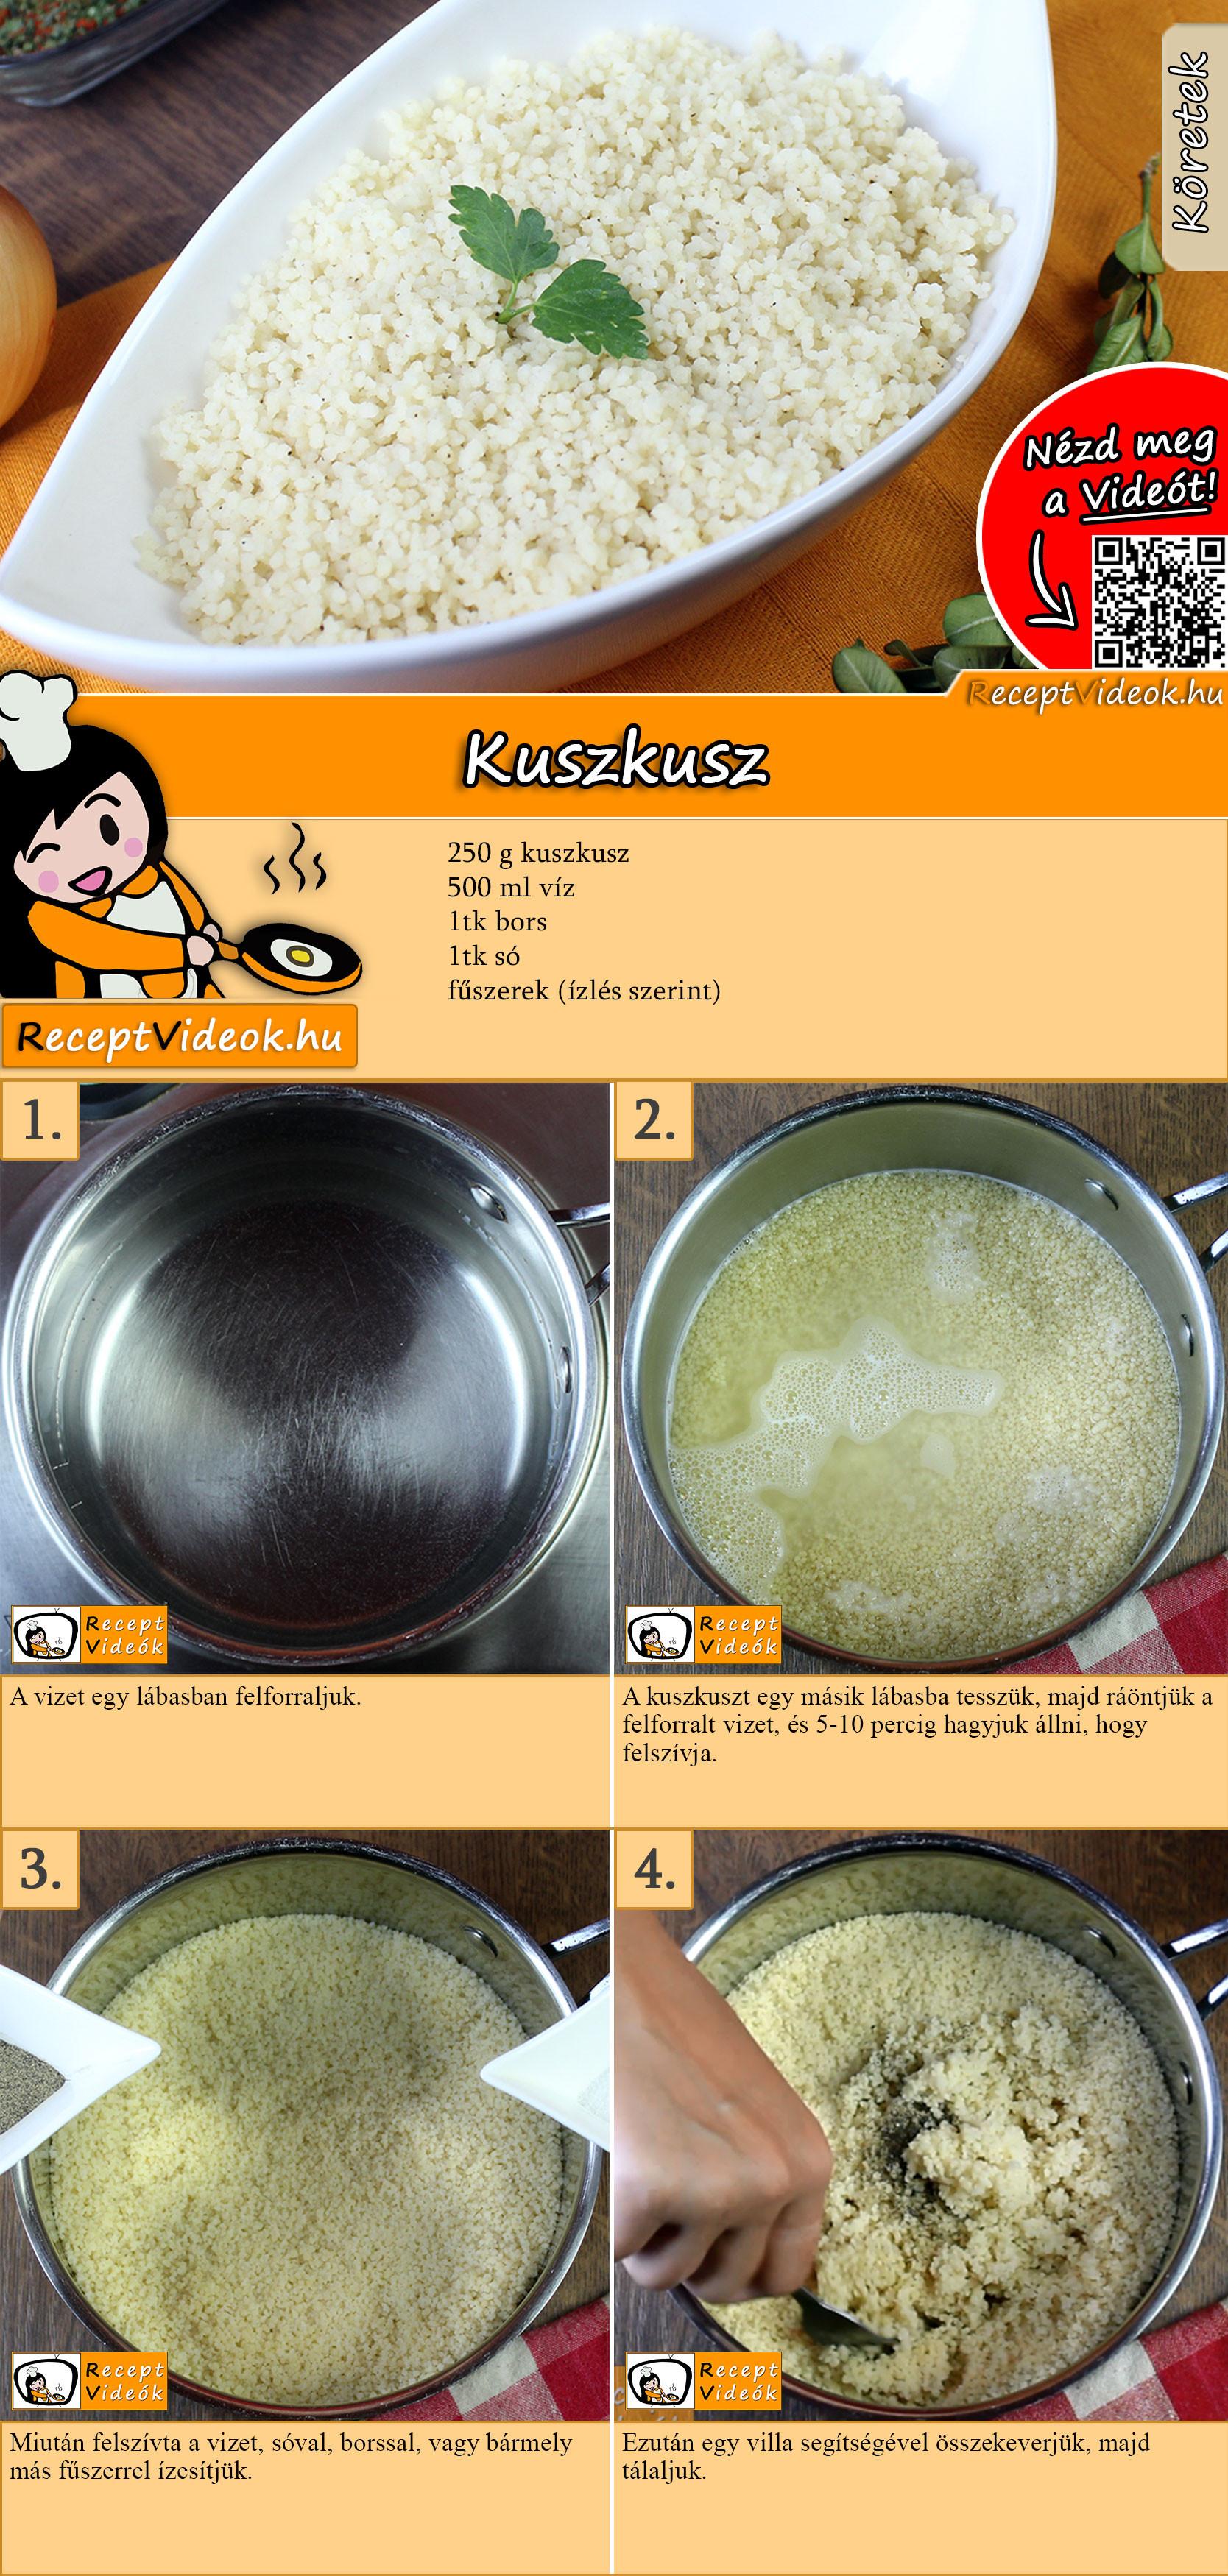 Kuszkusz recept elkészítése videóval